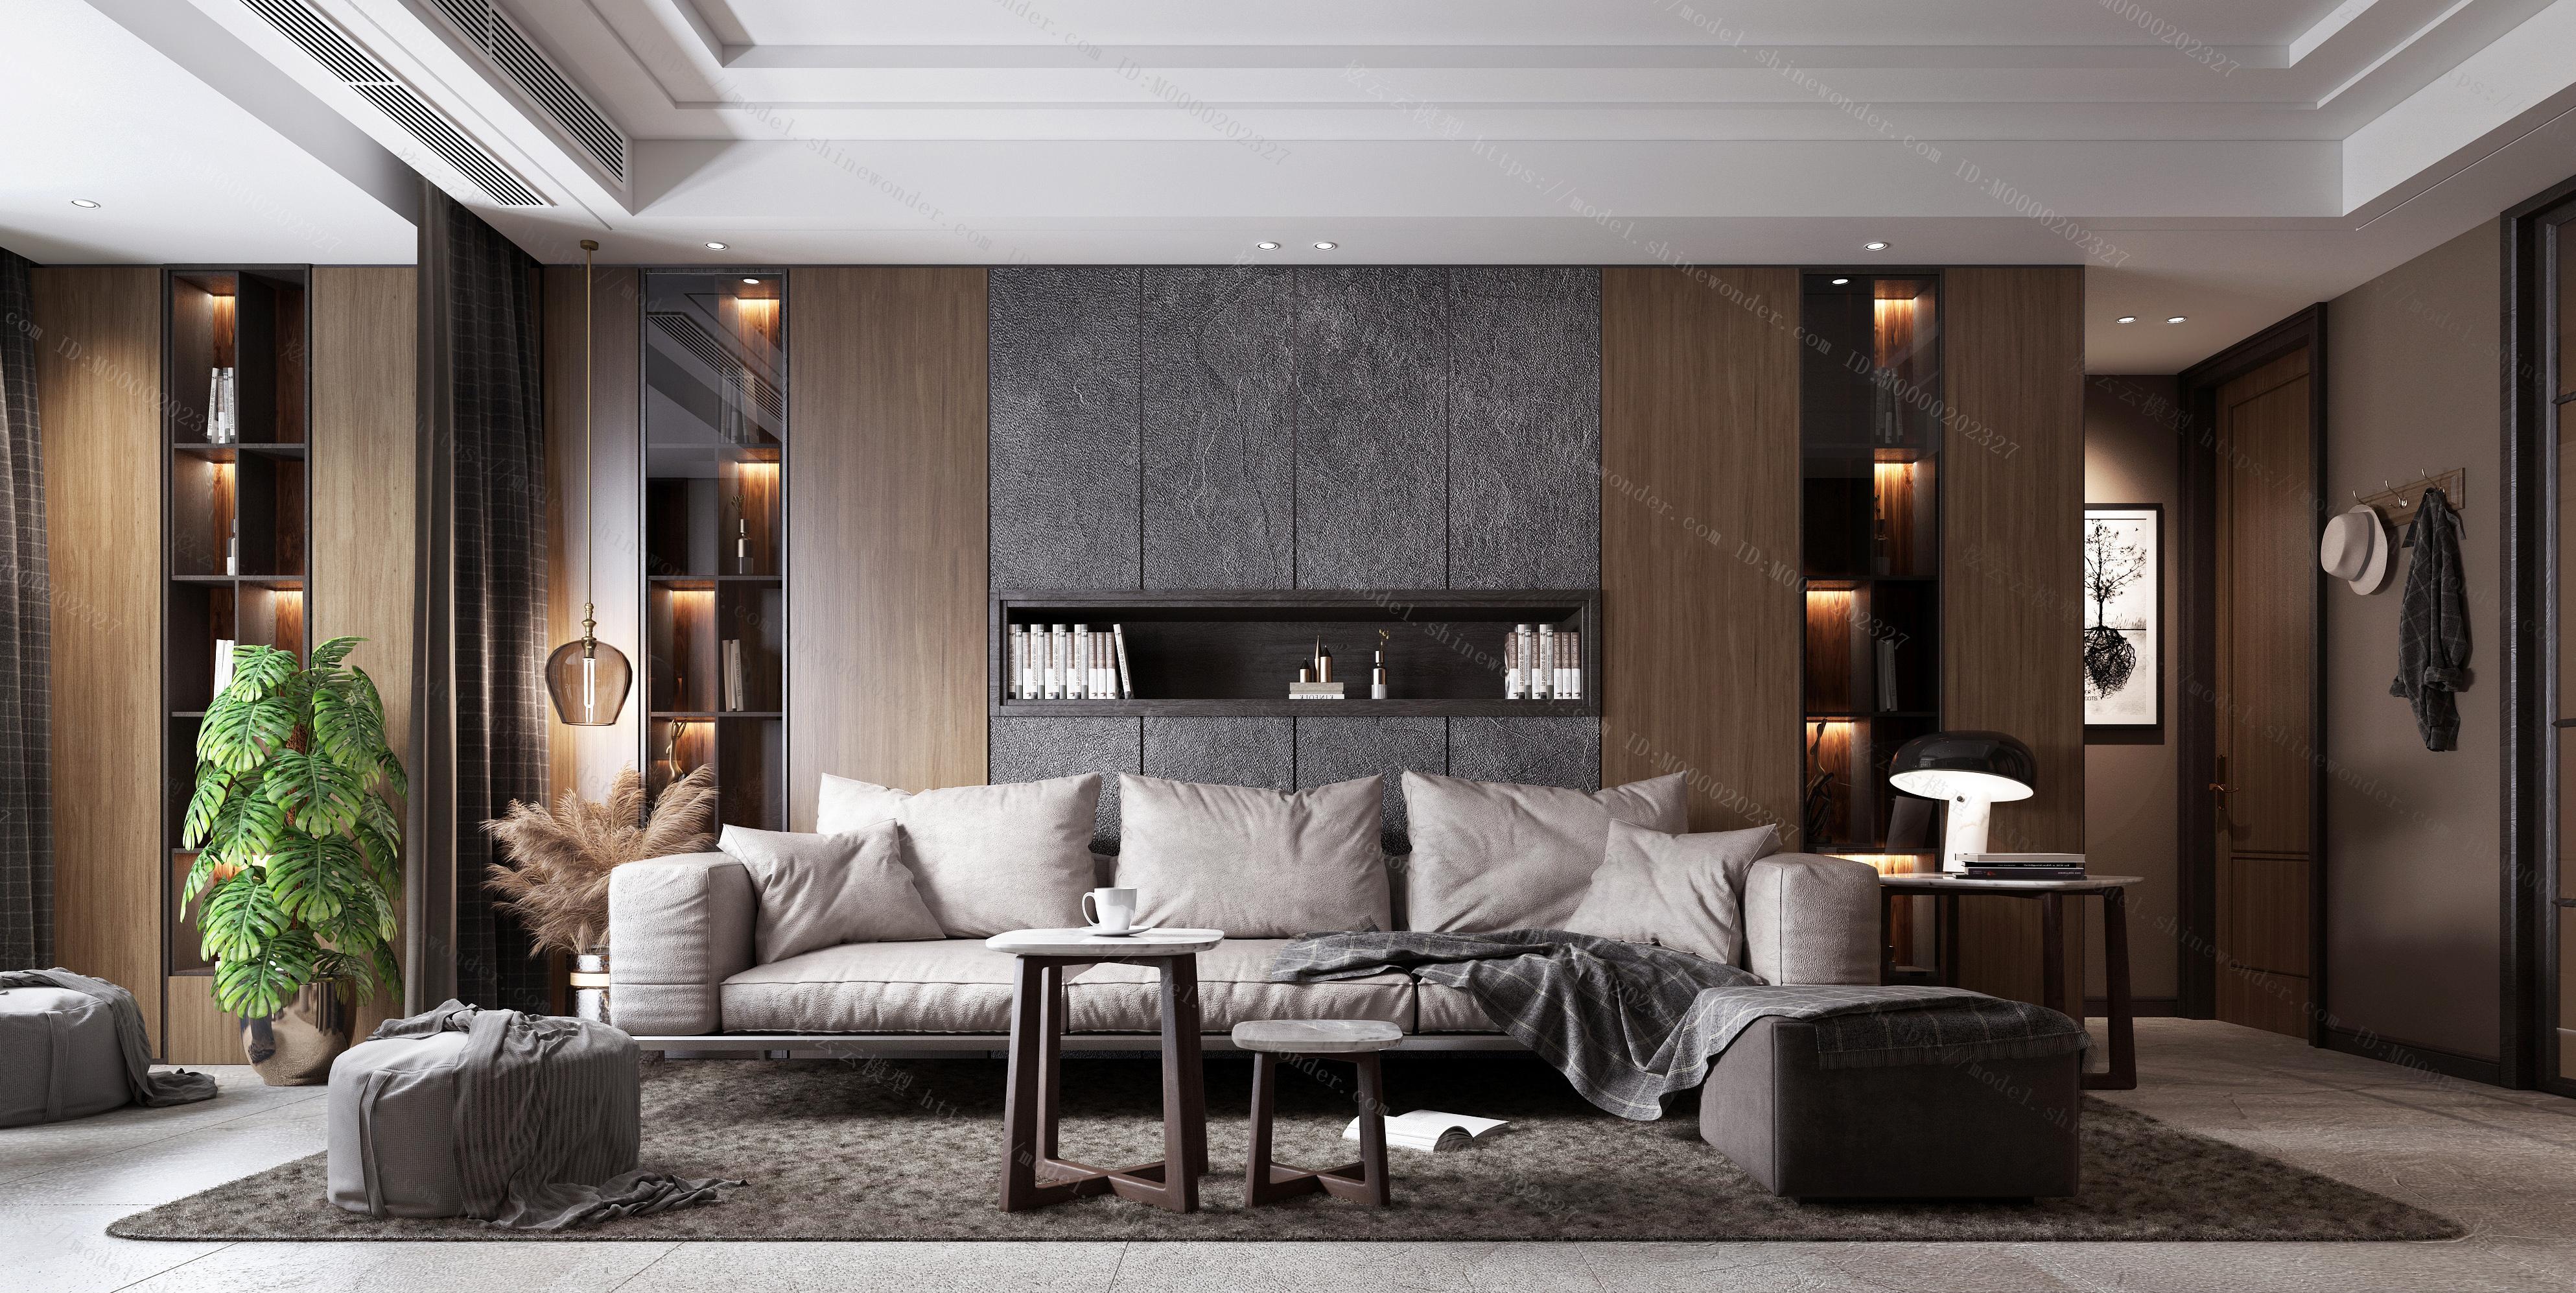 现代客厅 现代沙发茶几 黑白客厅 现代轻模型